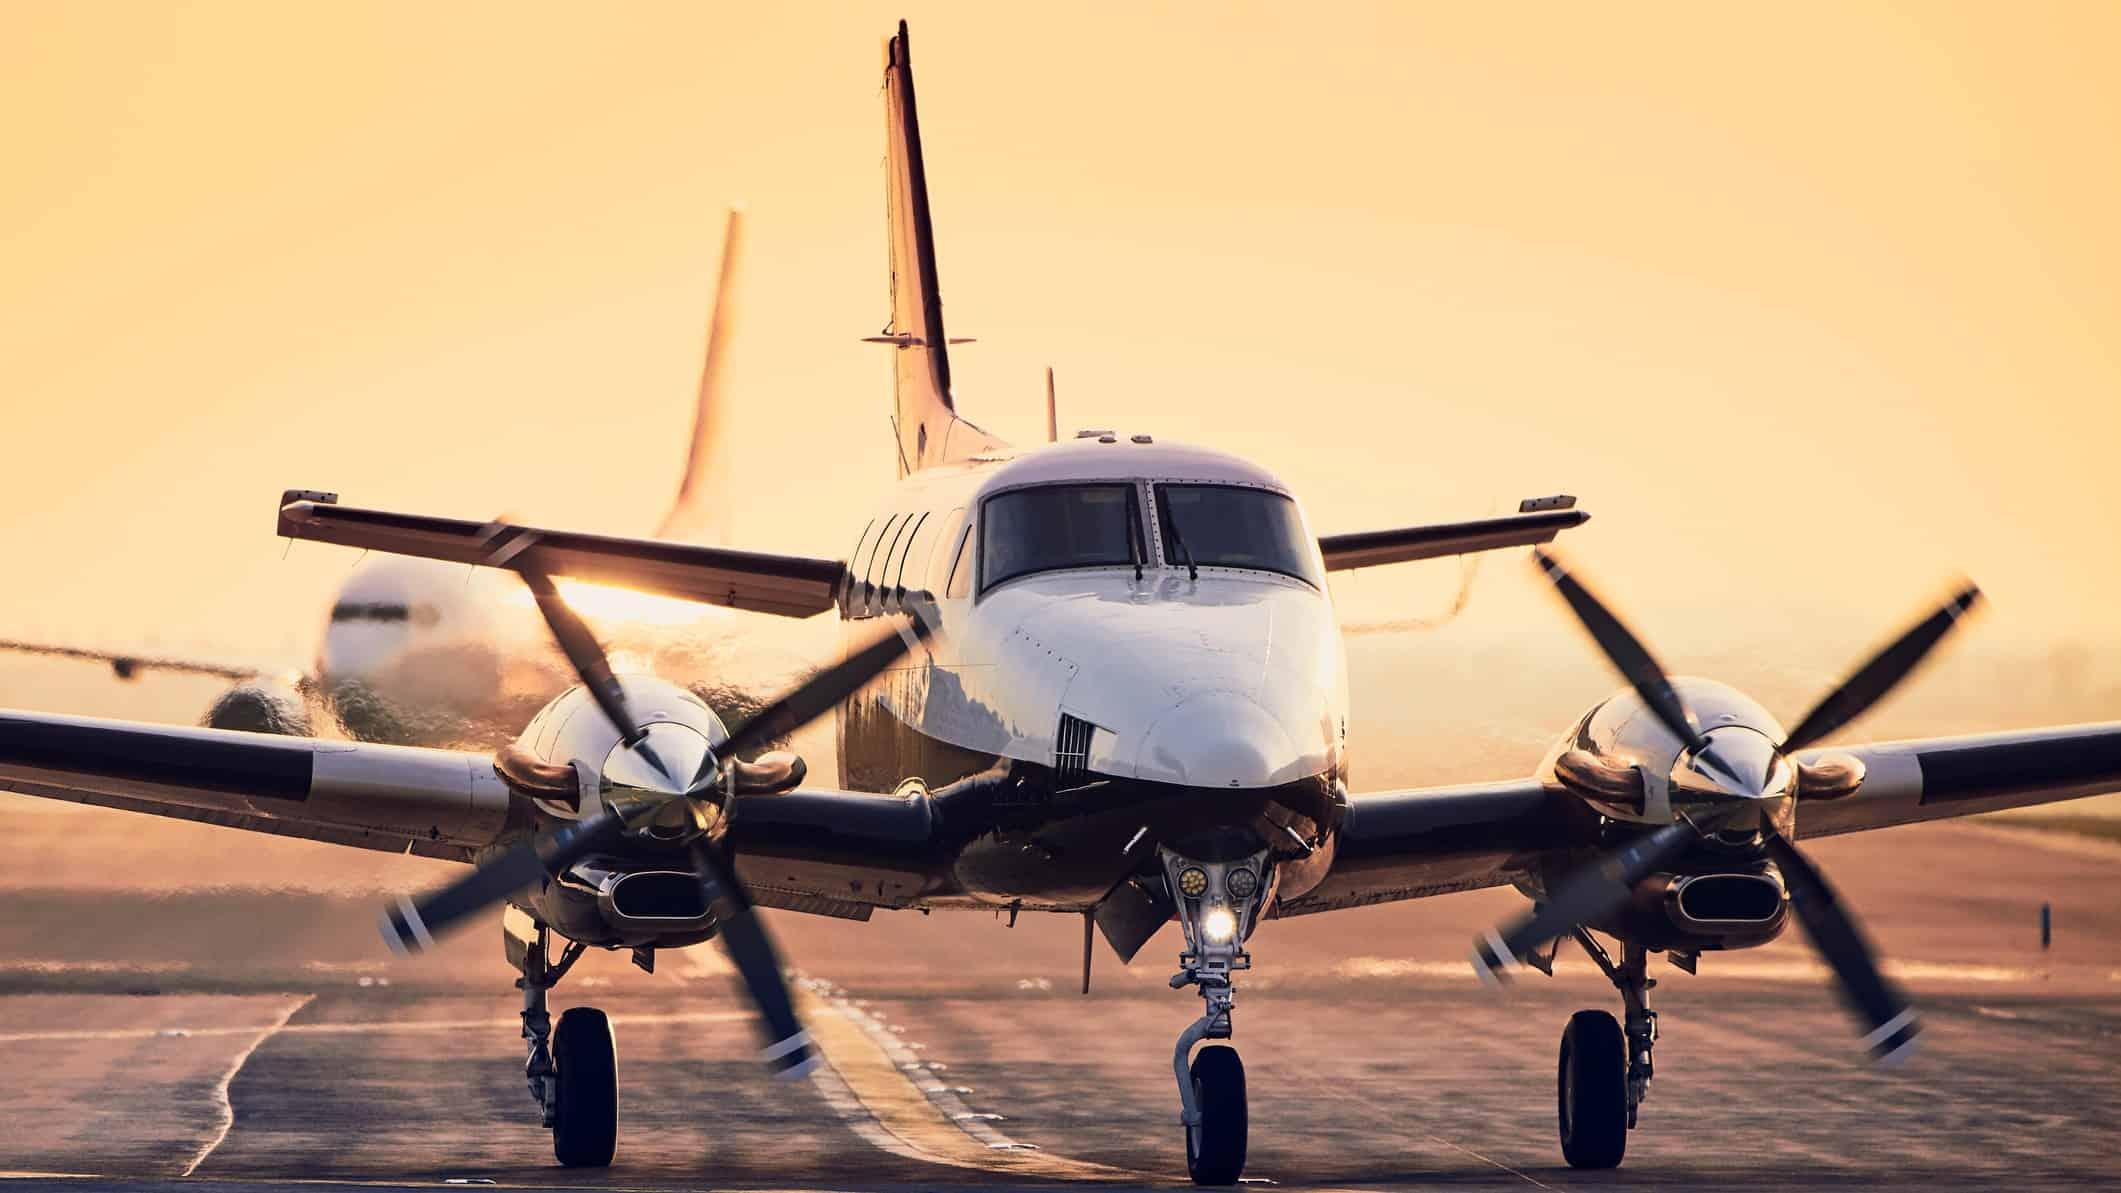 turbo prop aircraft